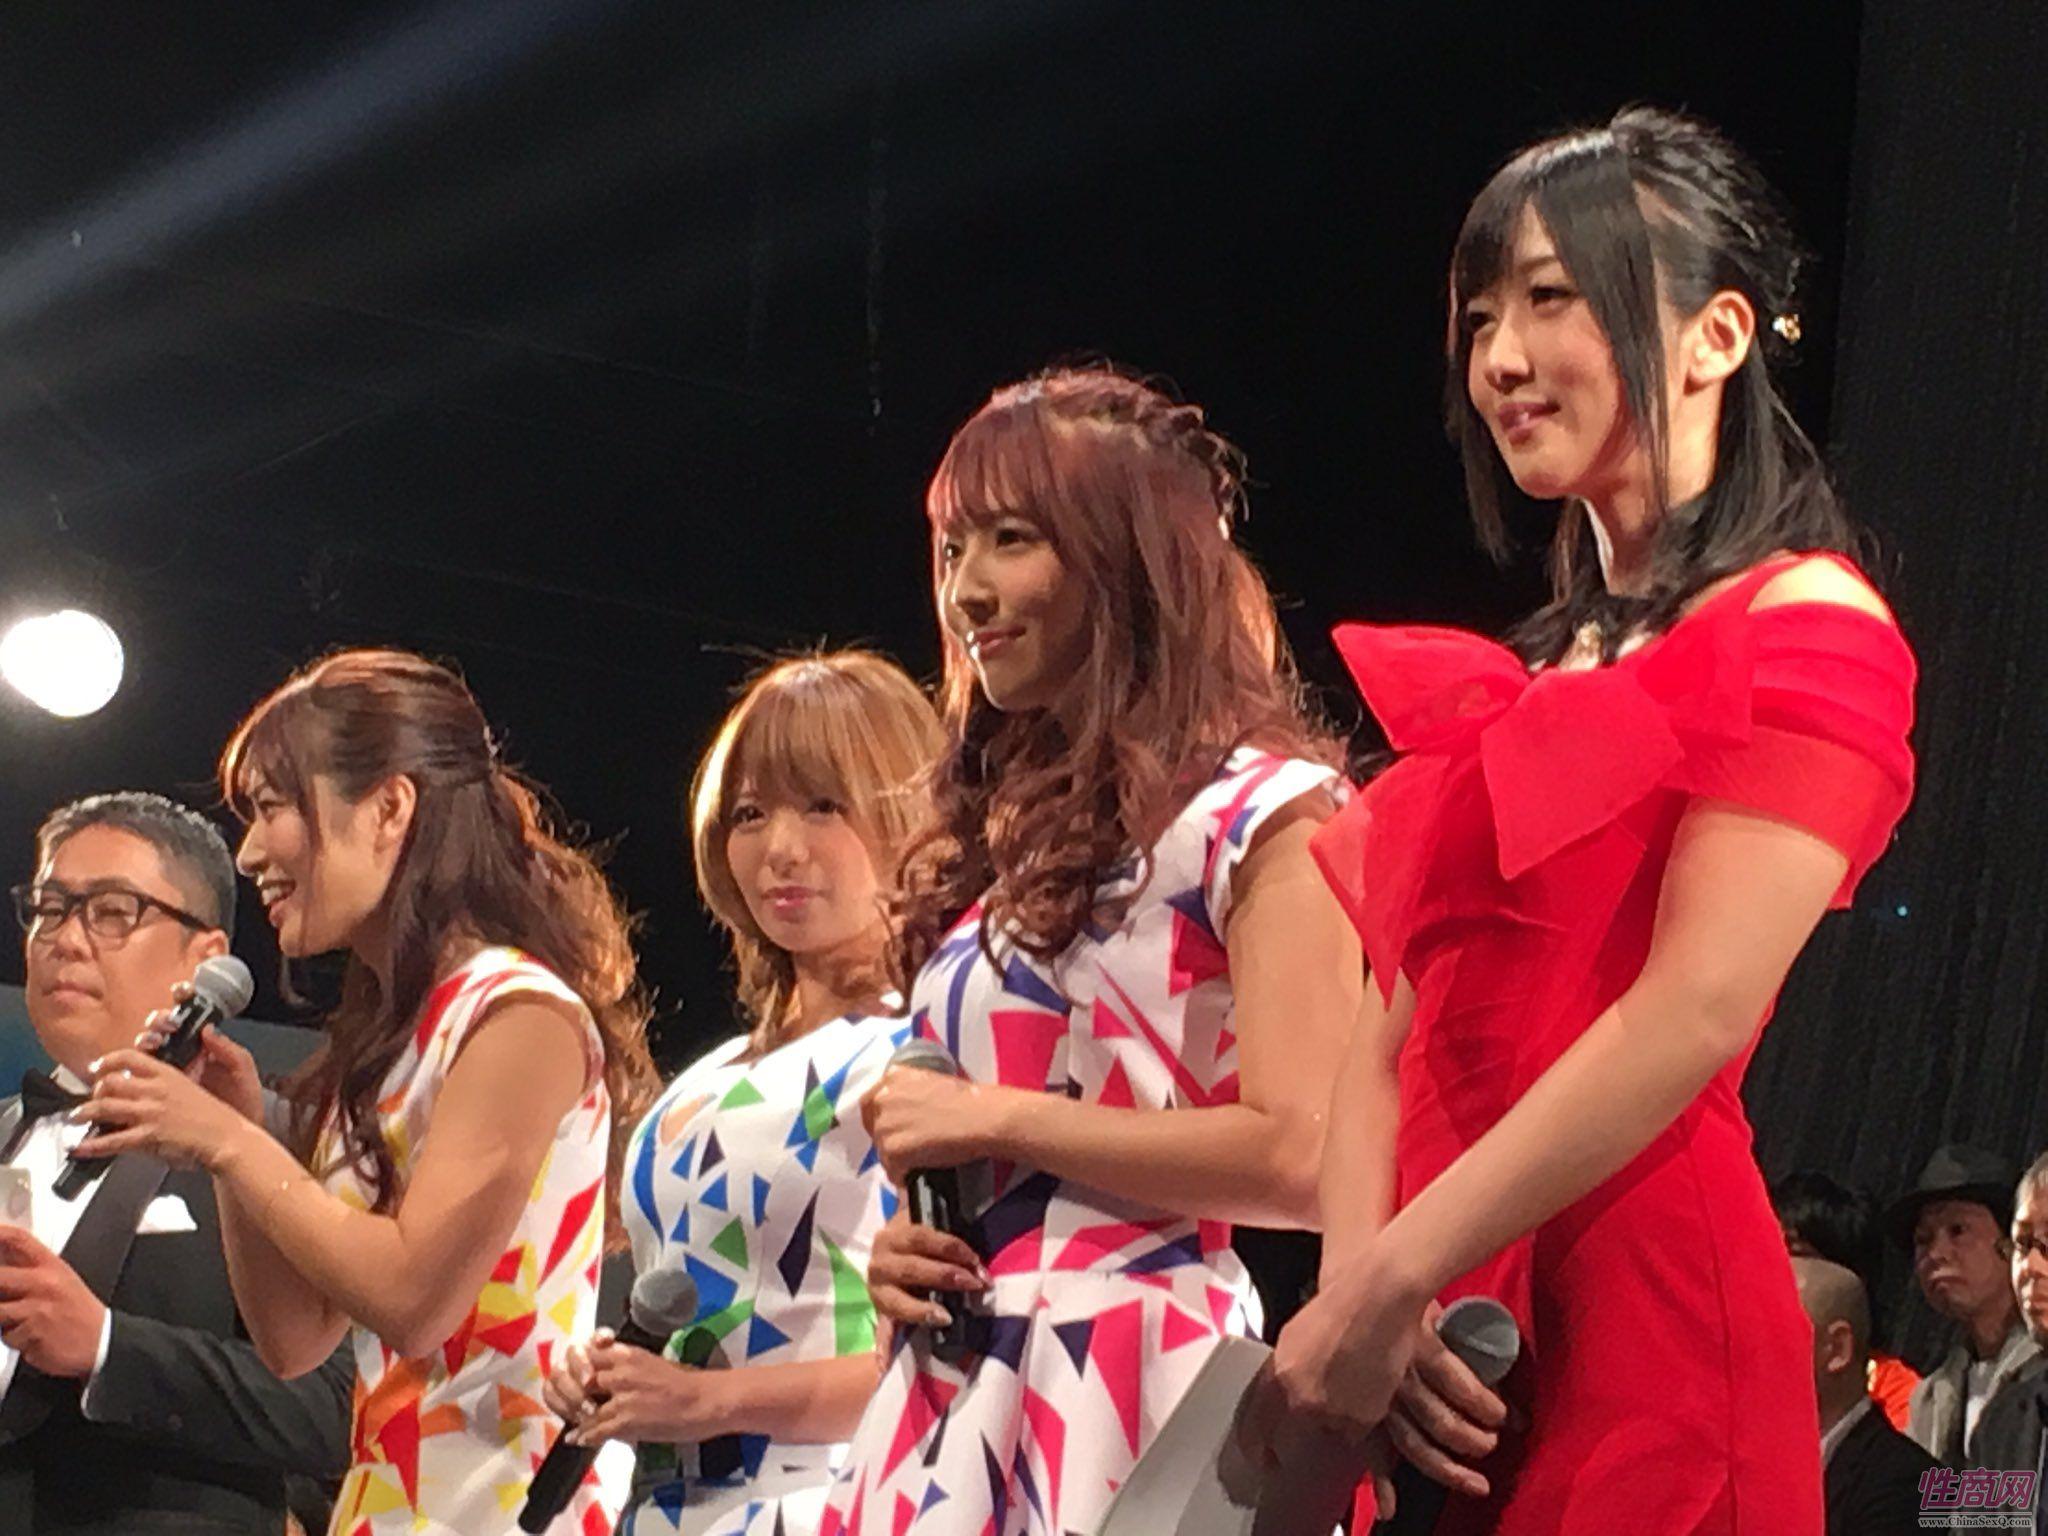 2016日本成人展JapanAdultExpo颁奖典礼2图片9